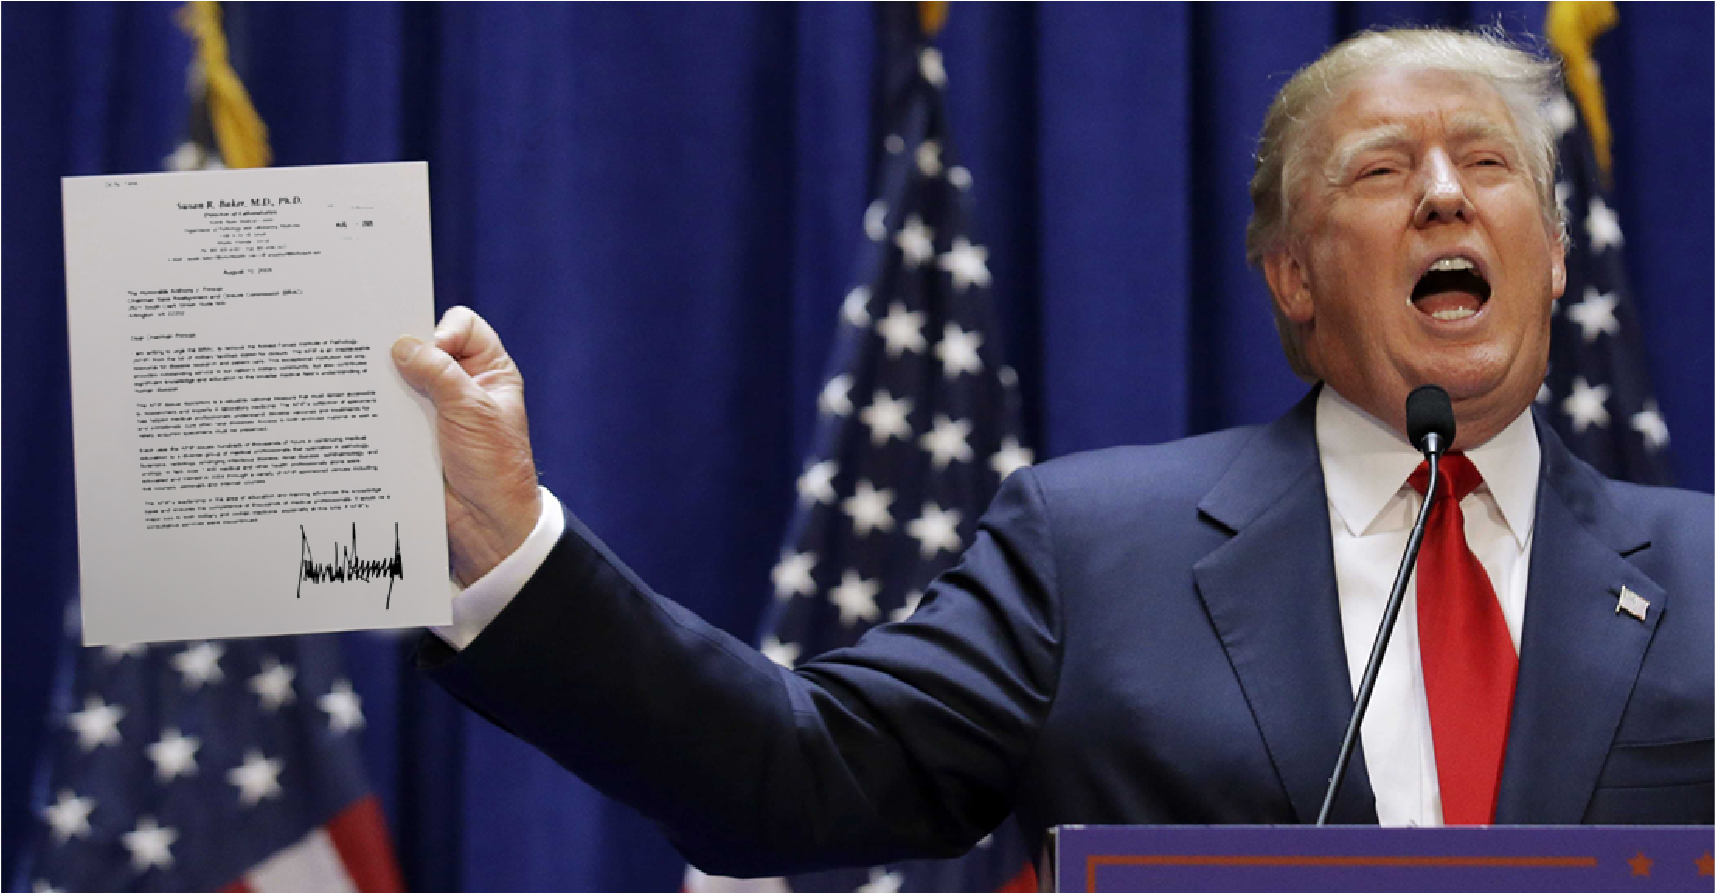 صورة ترامب يقرر منع مواطني ١٢٨ دولة من دخول الولايات المتحدة